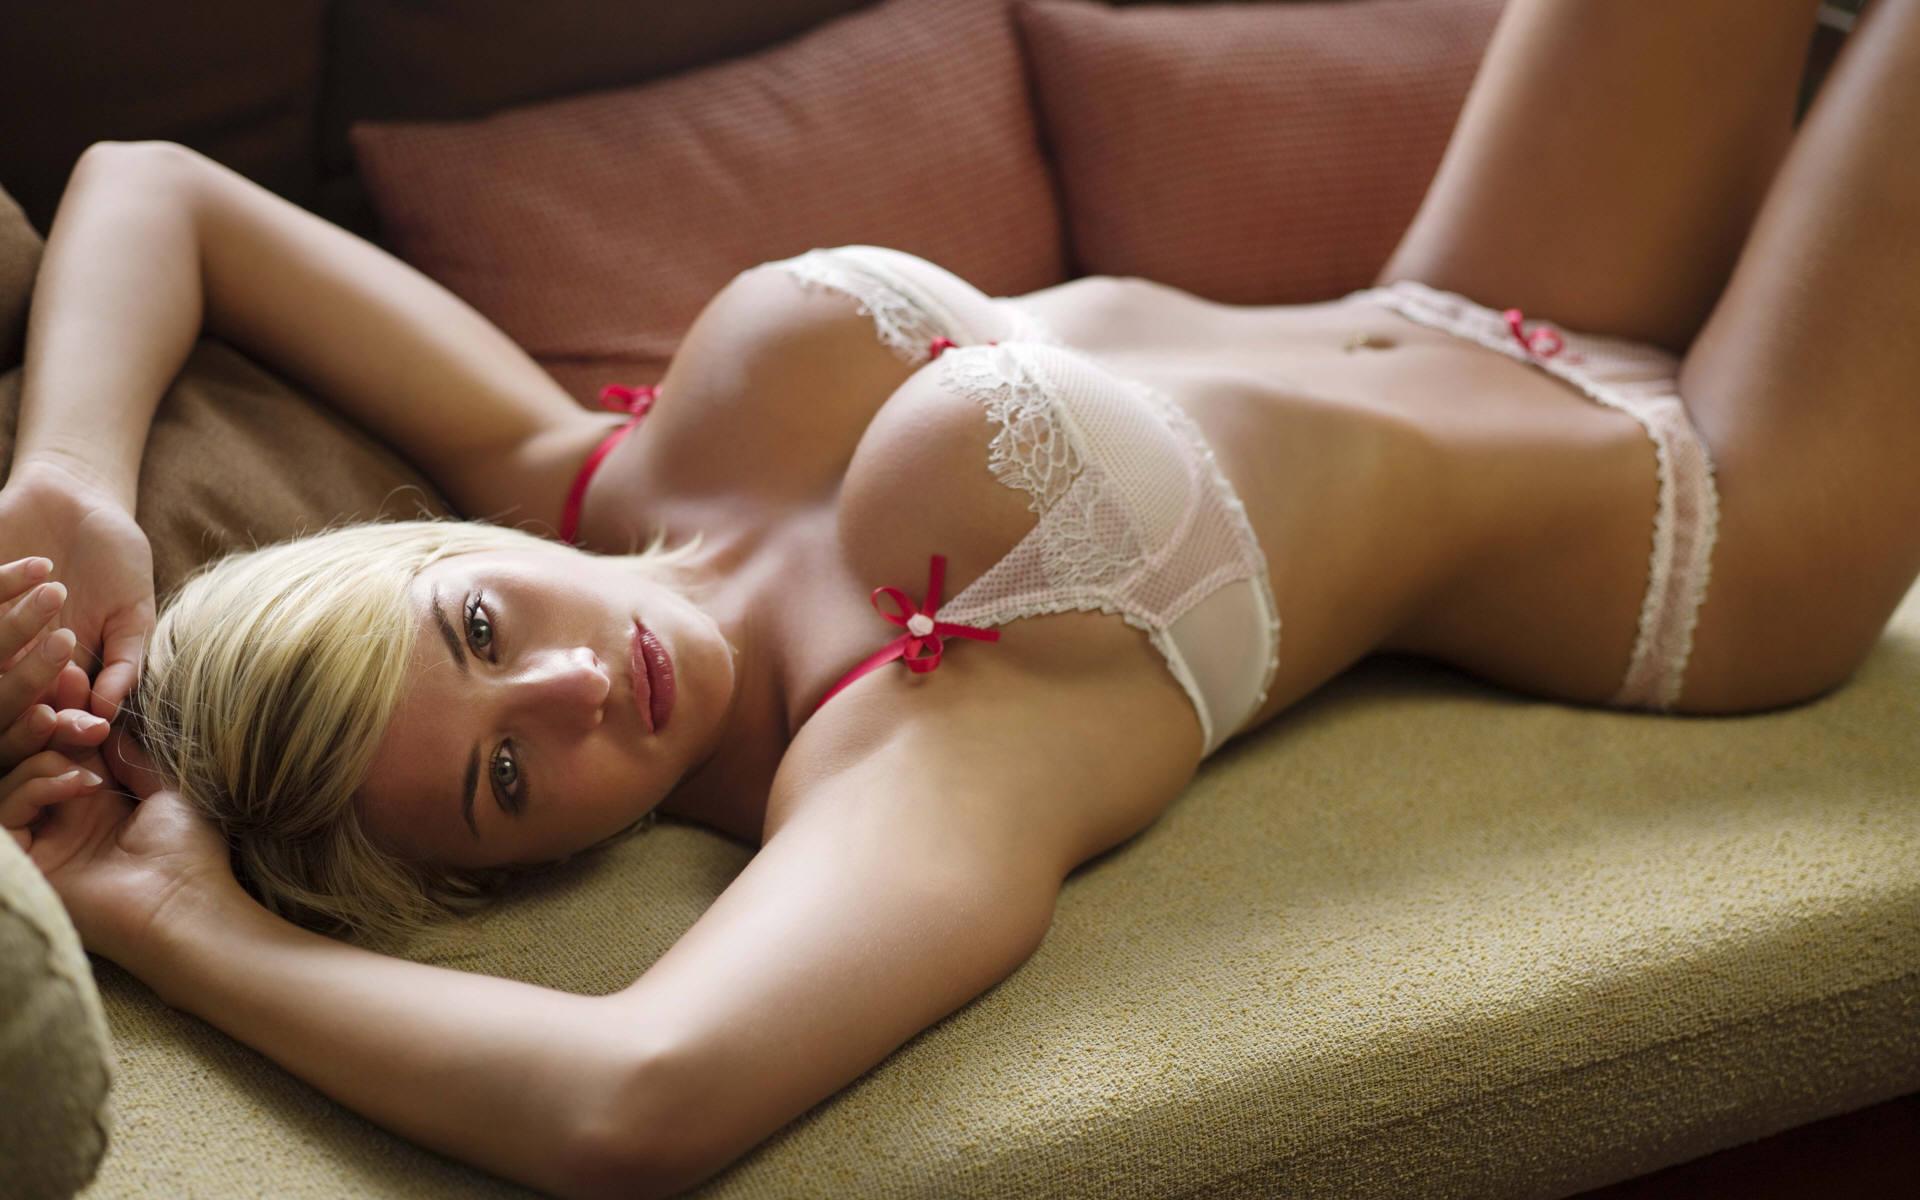 [Image: lingerie_gemma_atkinson_saber_hot_deskto...94427.jpeg]